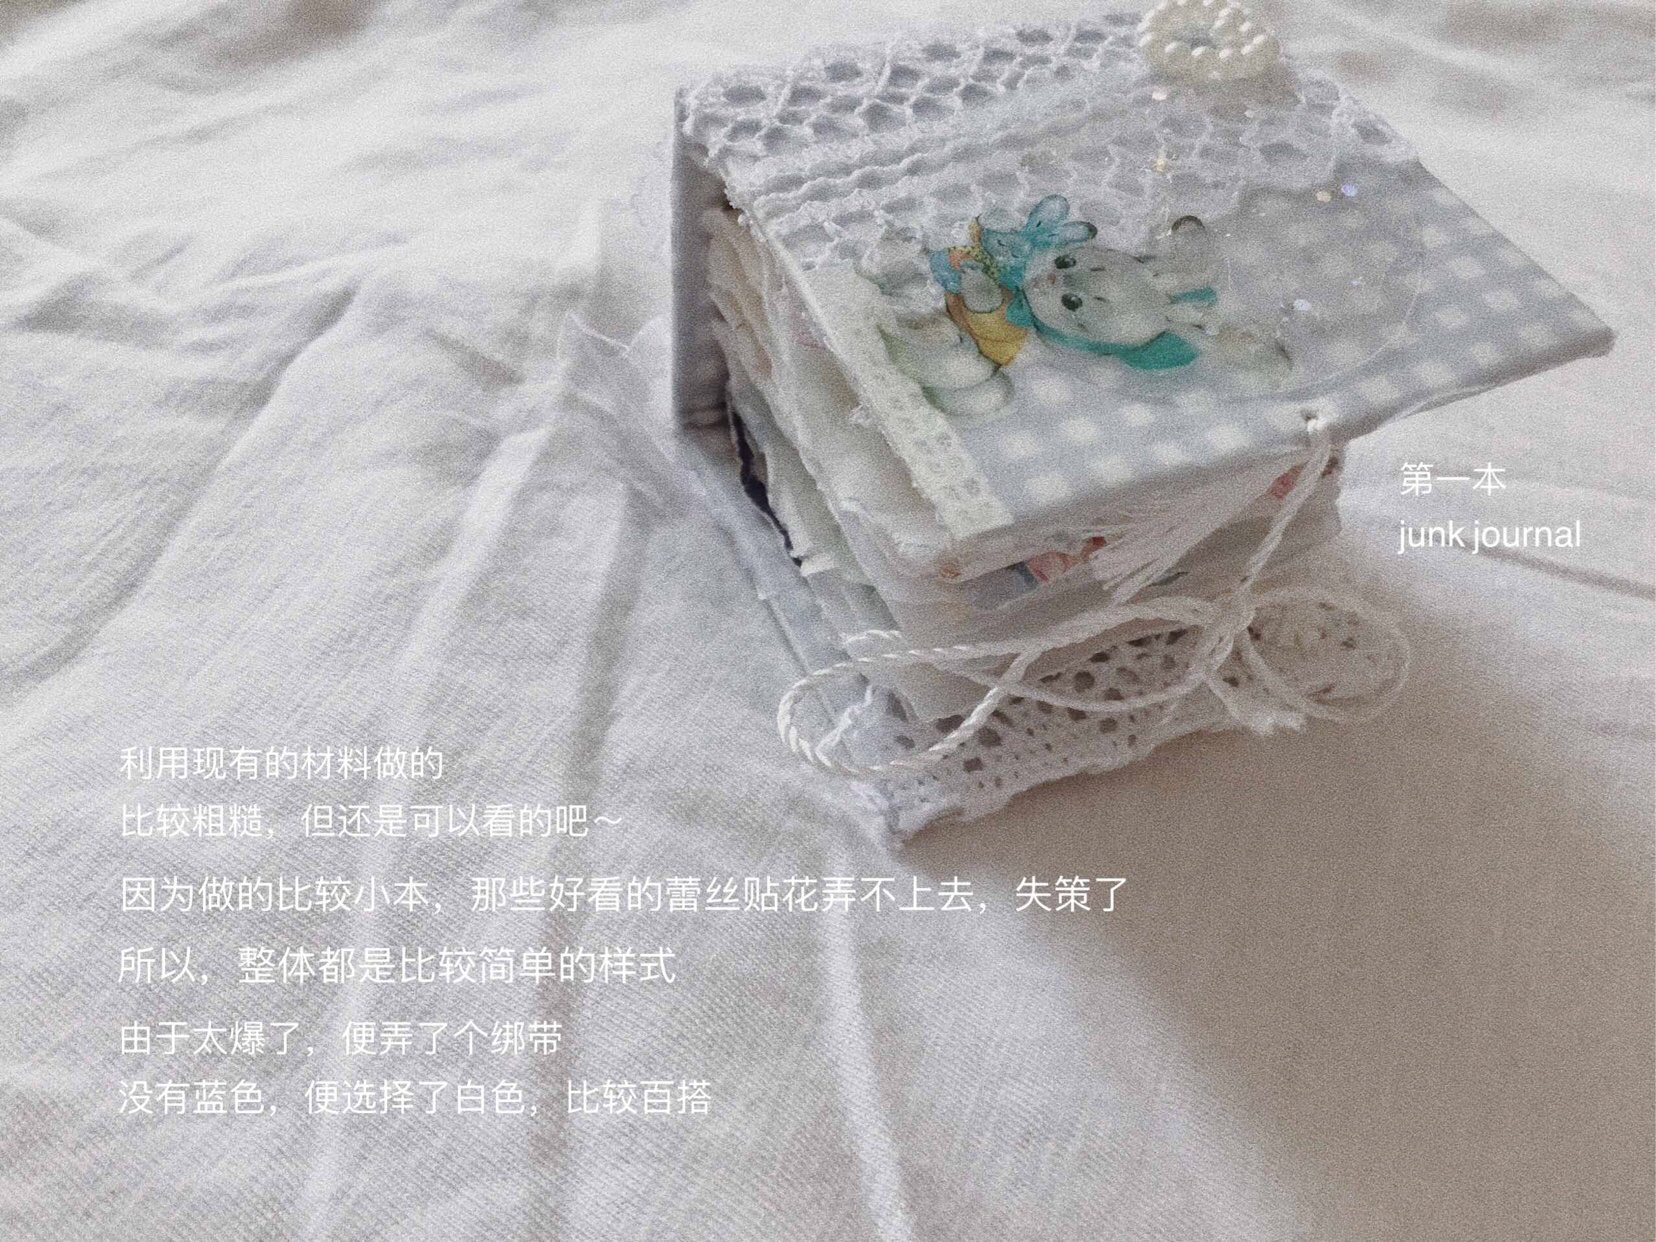 手账 #不哭-Sunnee[音乐]#..., 手帐工具